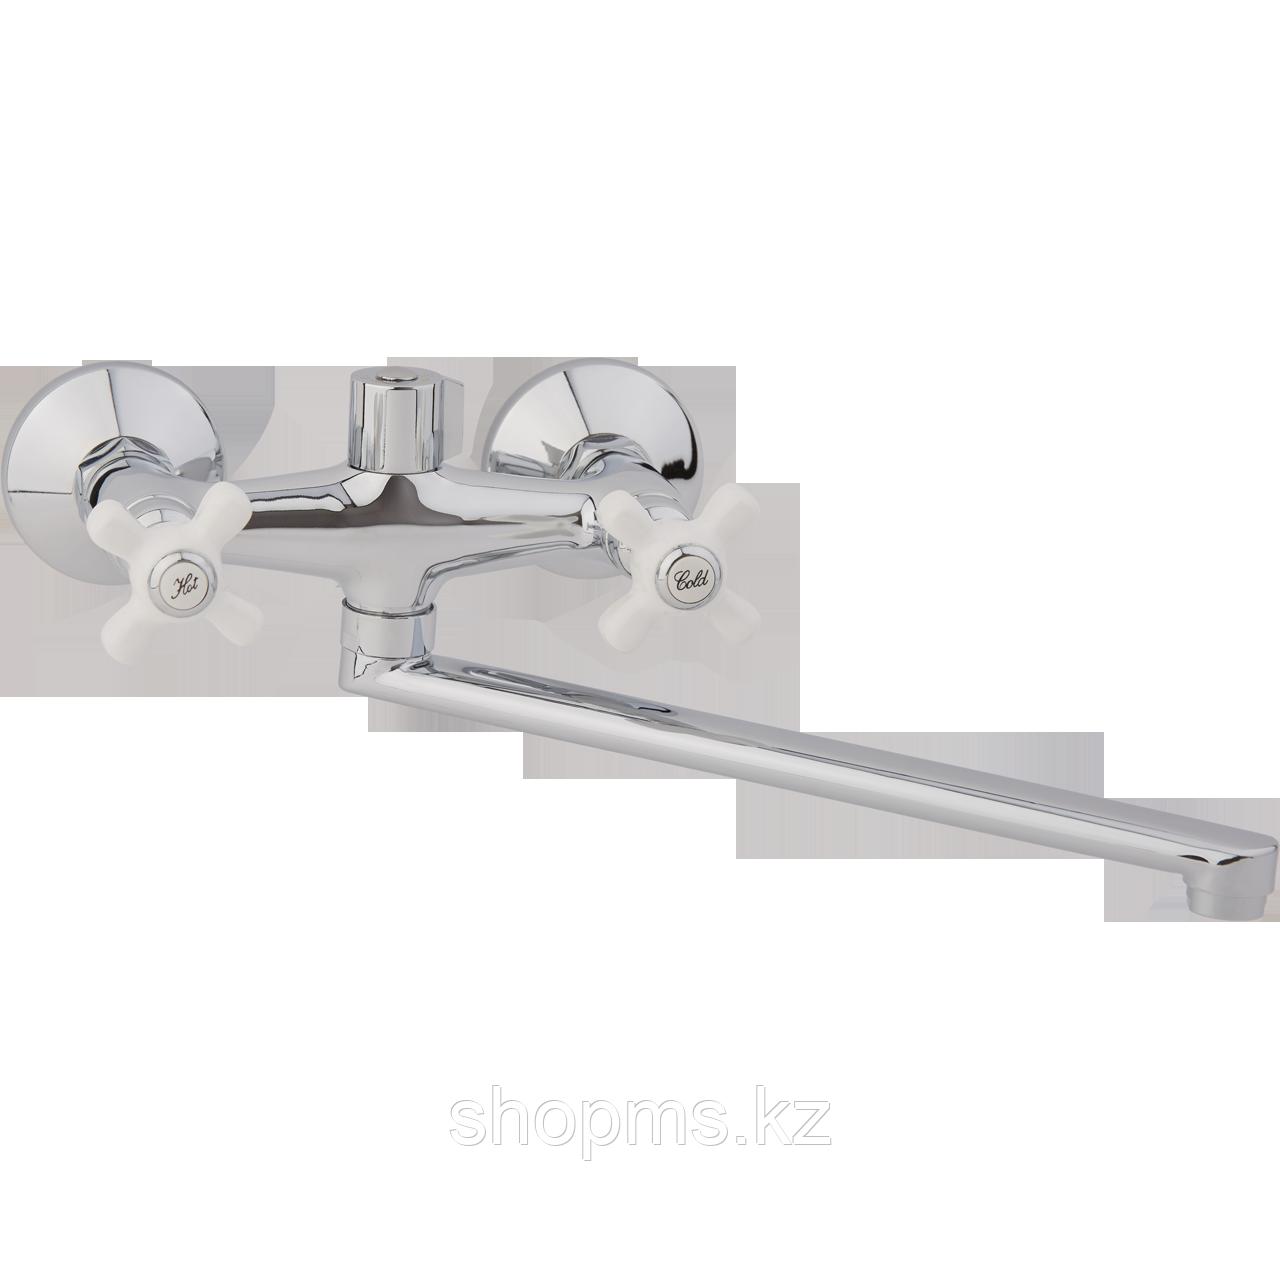 Смеситель ARCO ванна маховик металл. крест, А2505